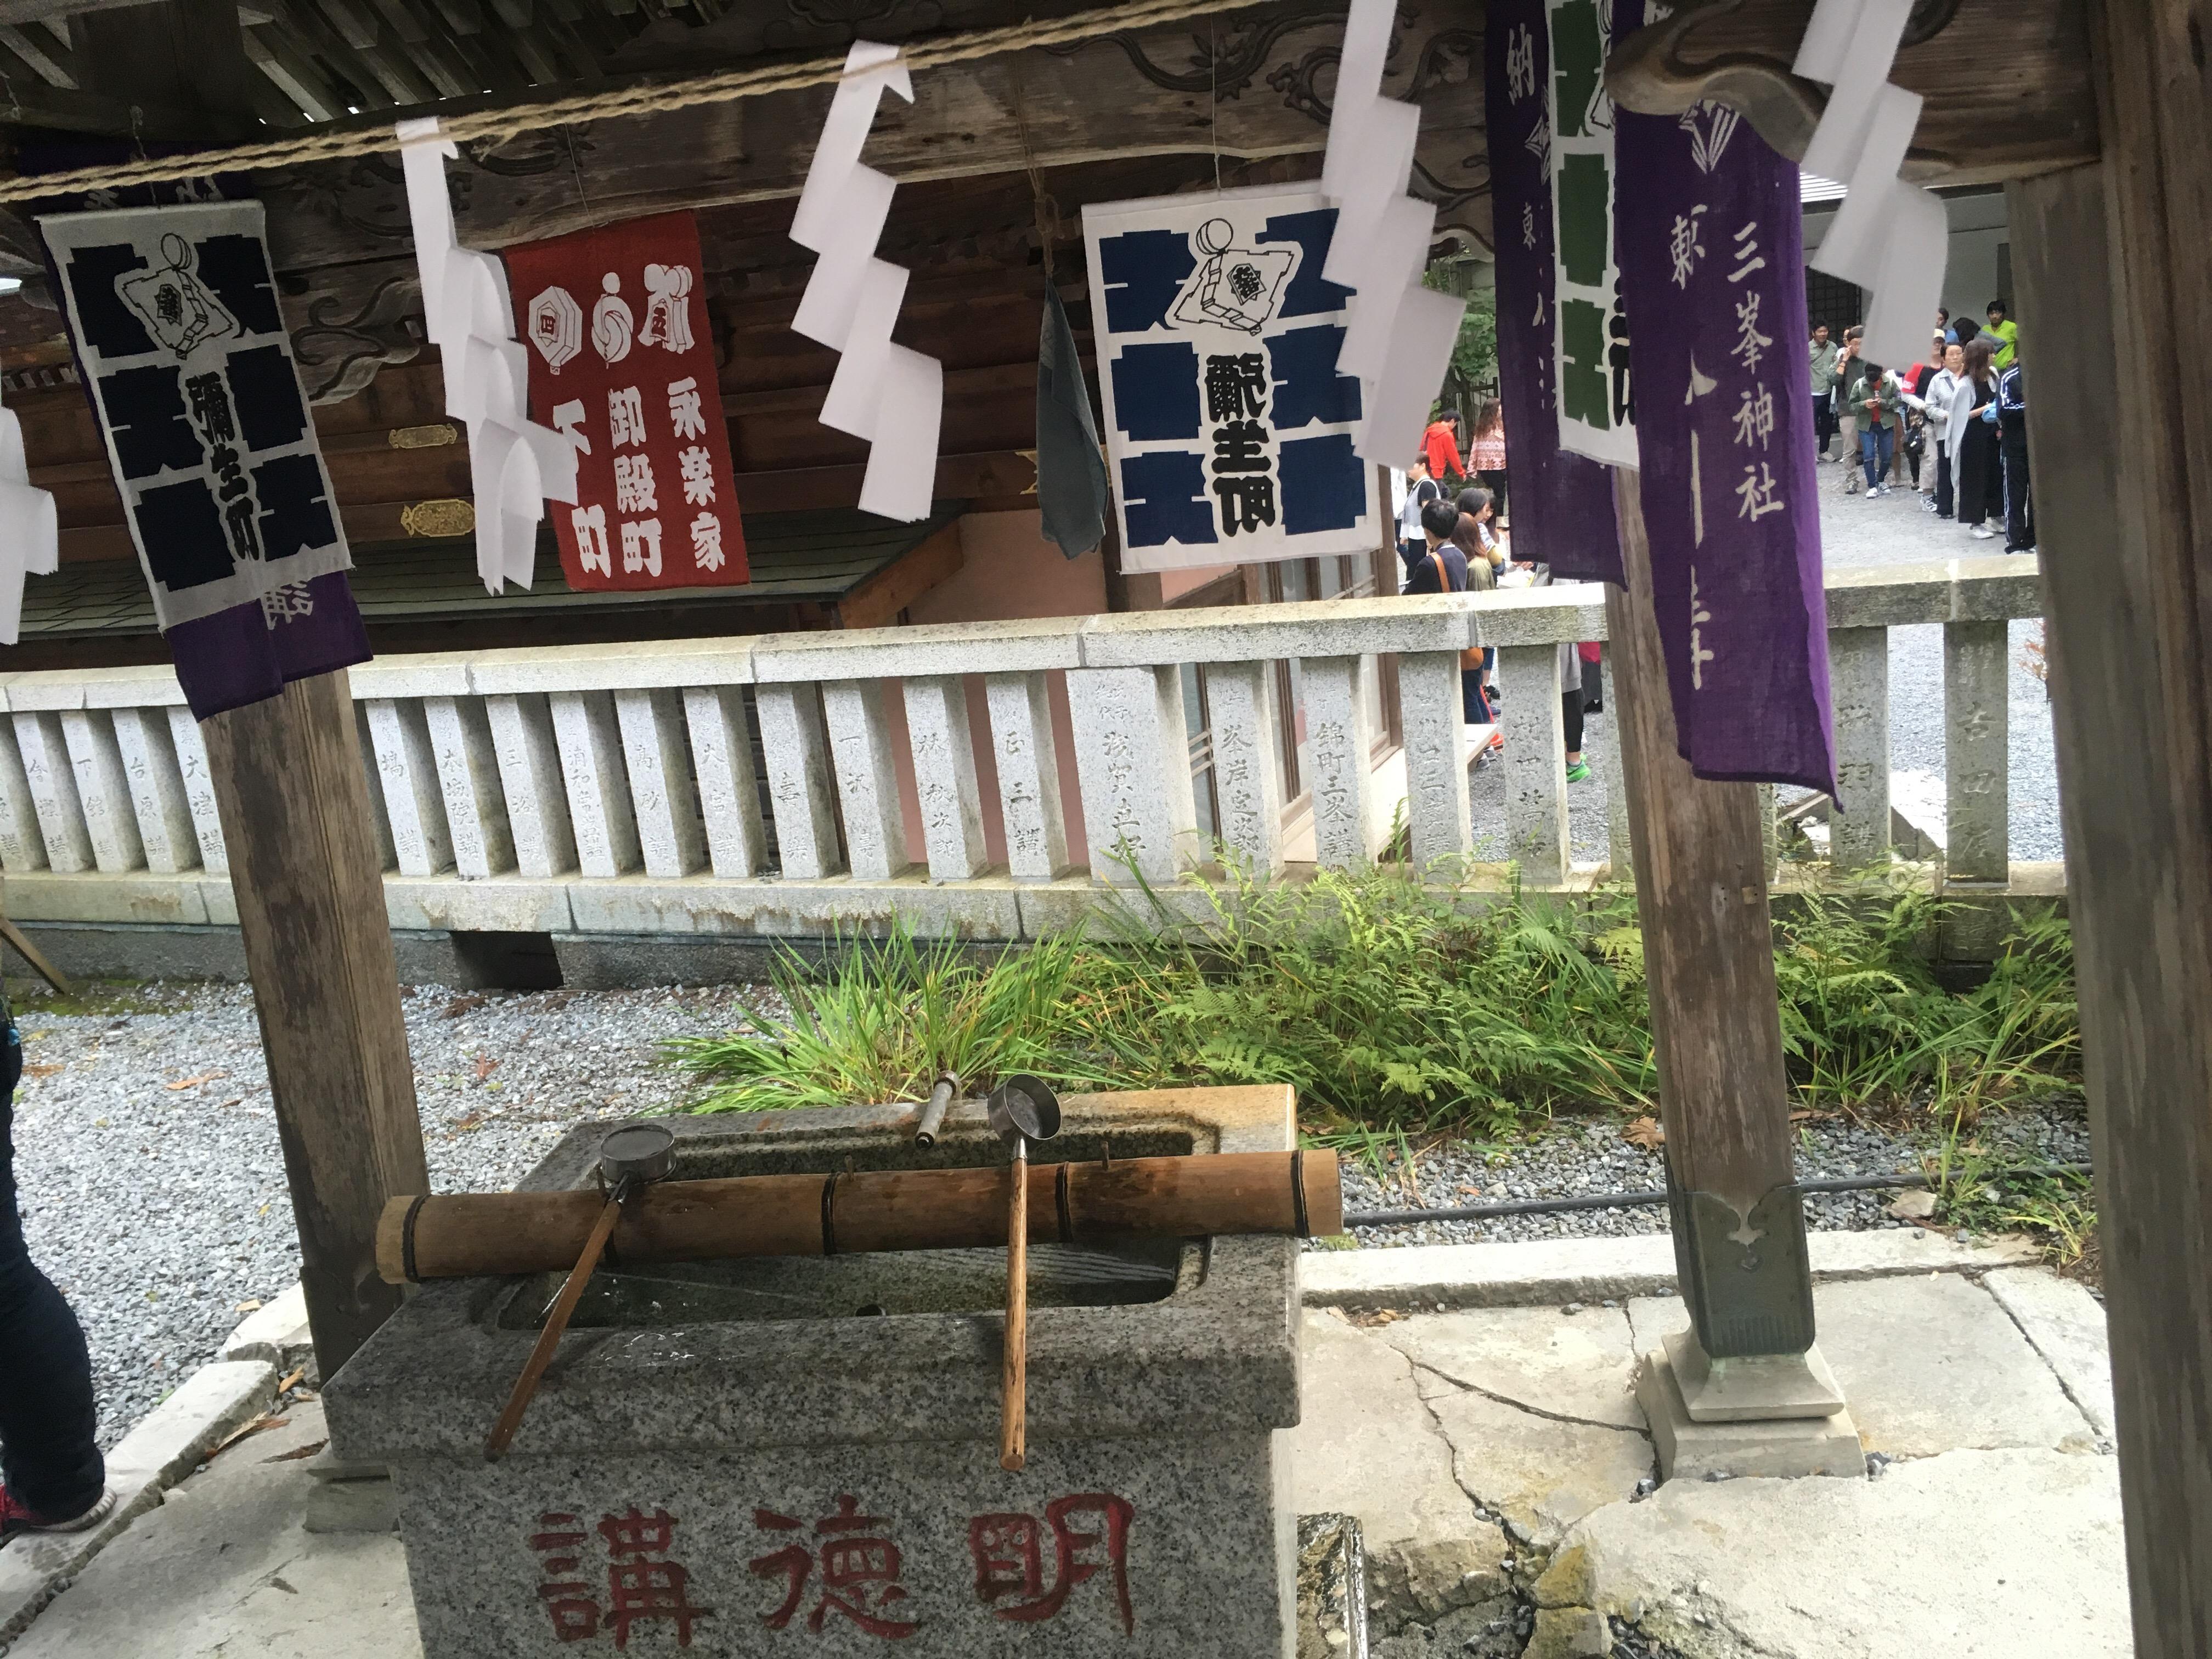 手洗場 三峯神社